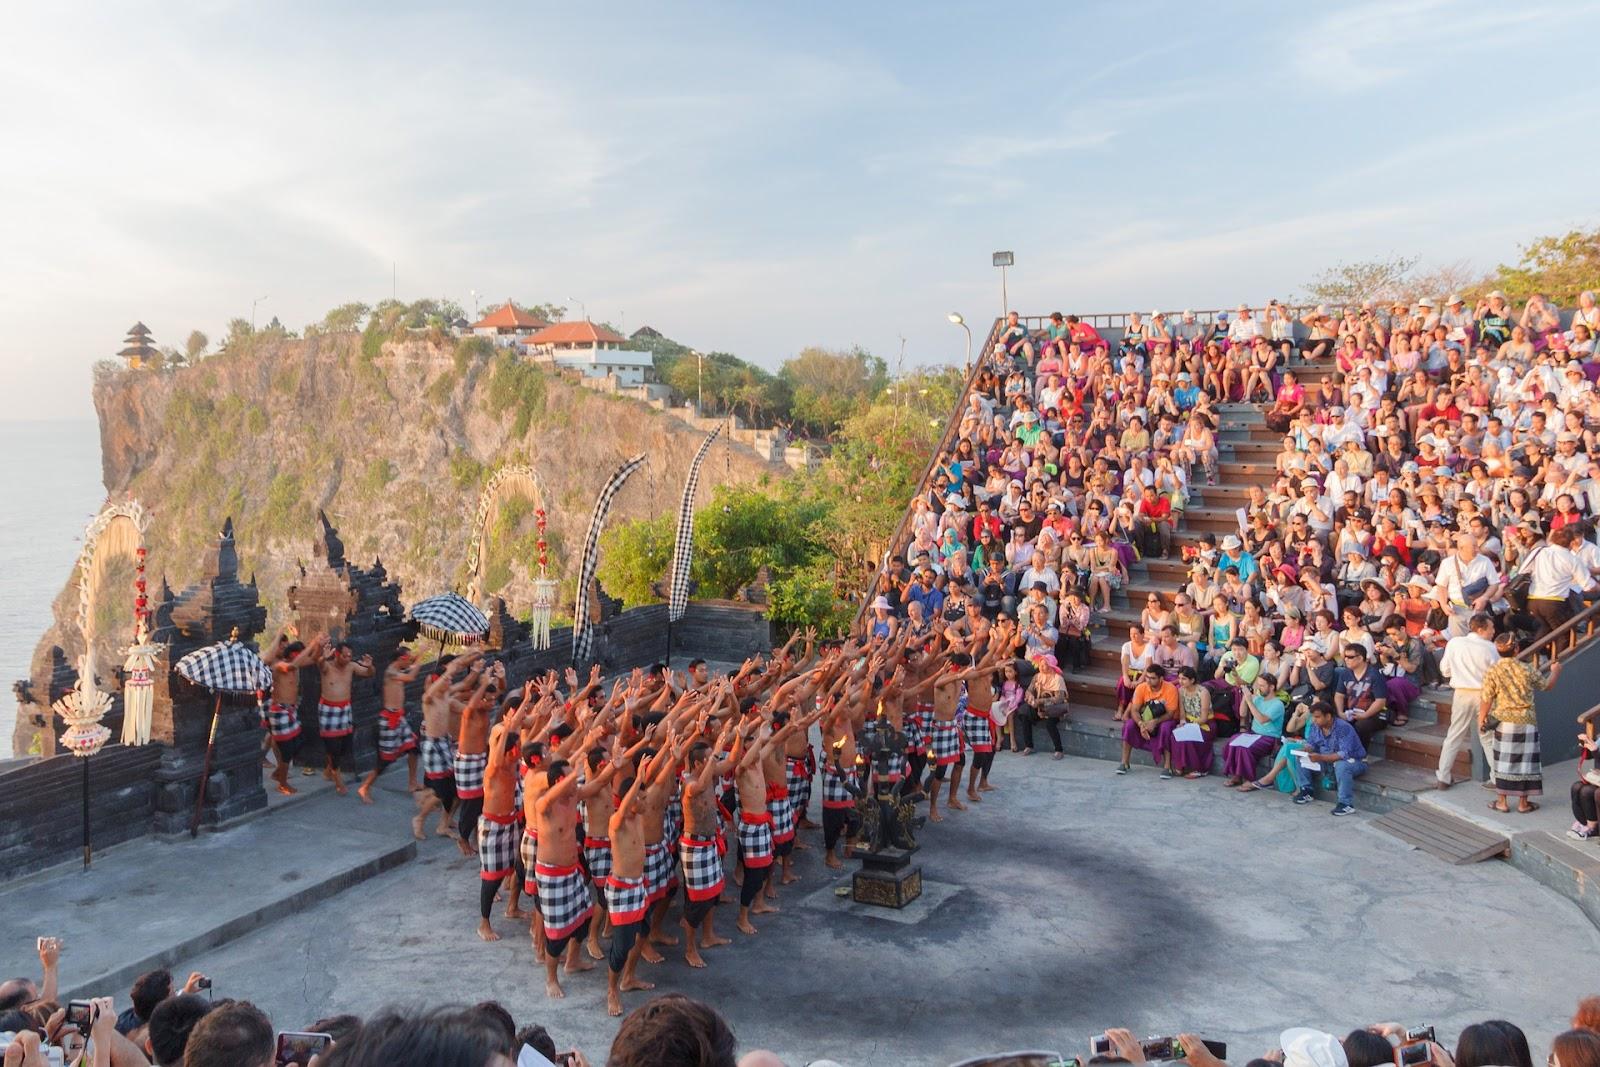 adalah pertunjukan dramatari seni khas Bali yang lebih utama menceritakan mengenai Ramayan Sejarah Tari Kecak Bali yang Penuh Unsur Magis dari Bali